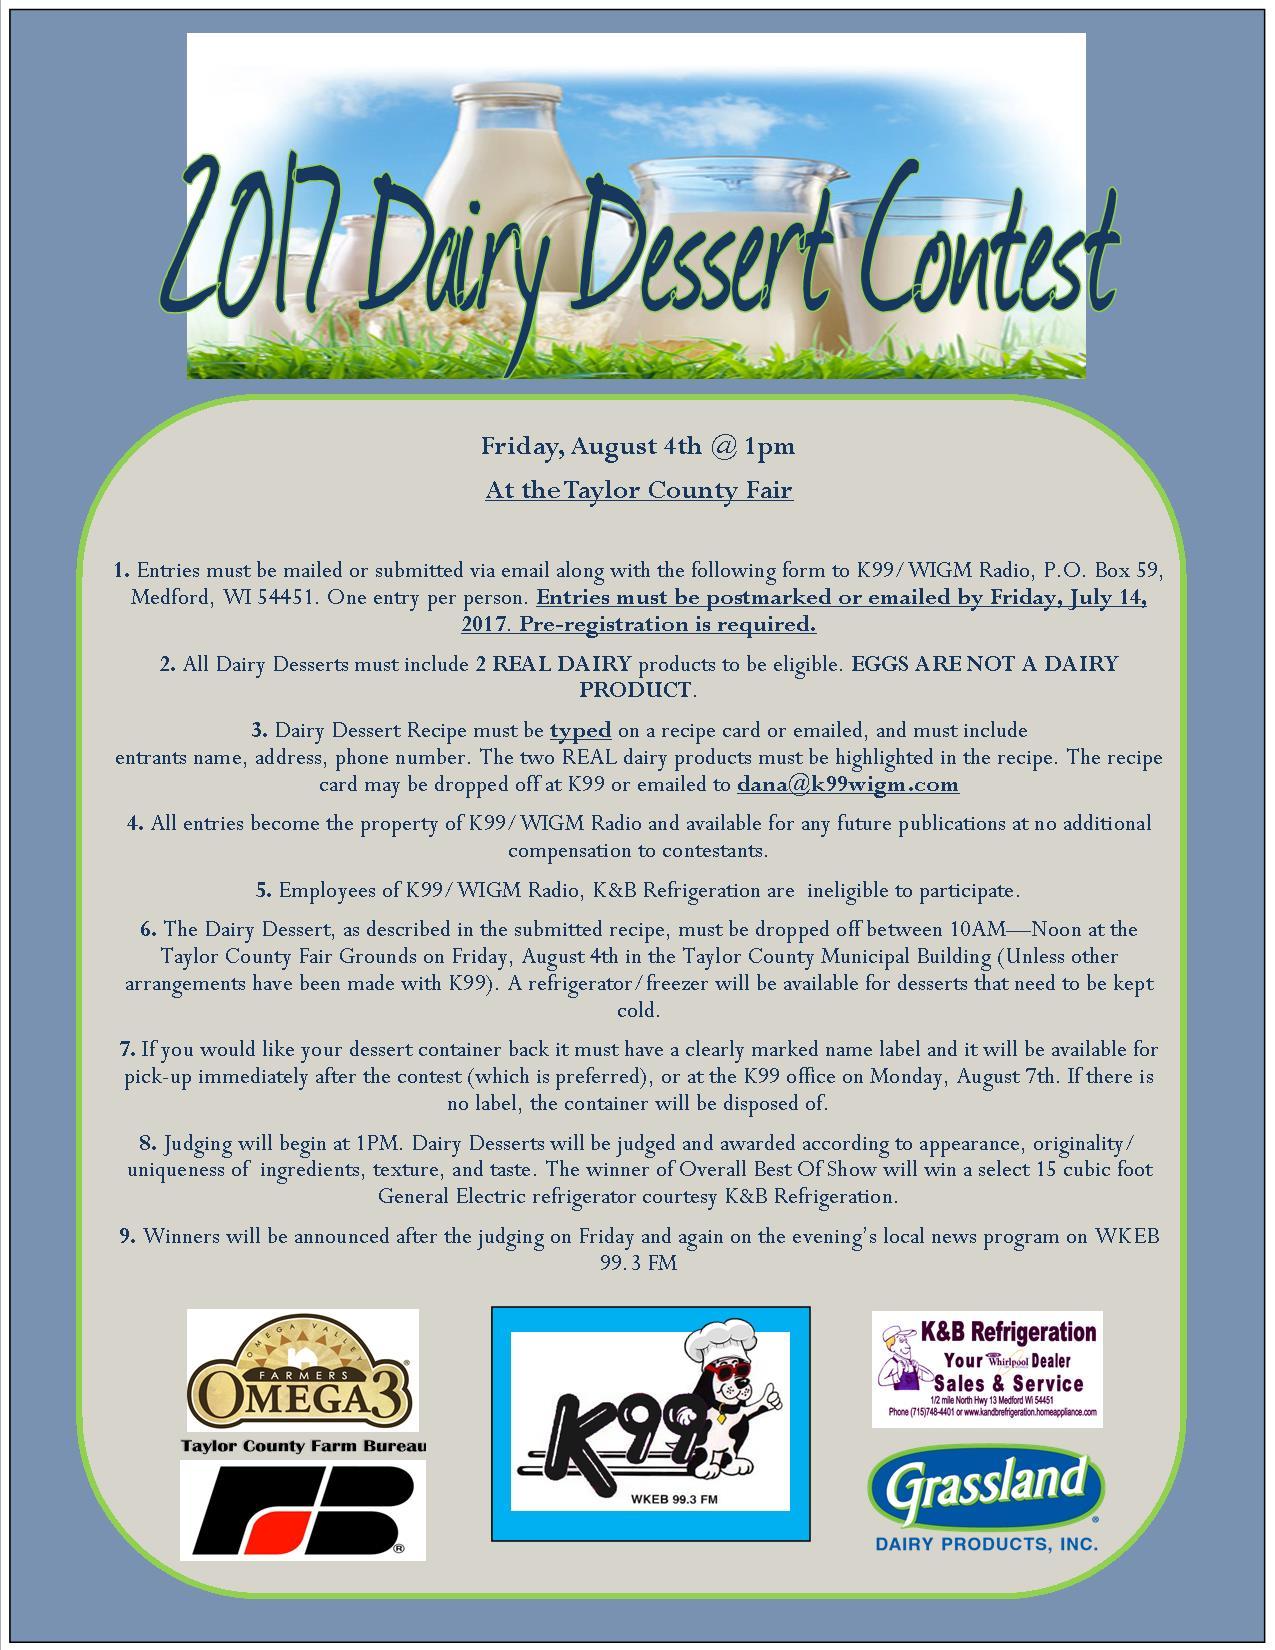 Dairy Dessert Contest - WKEB